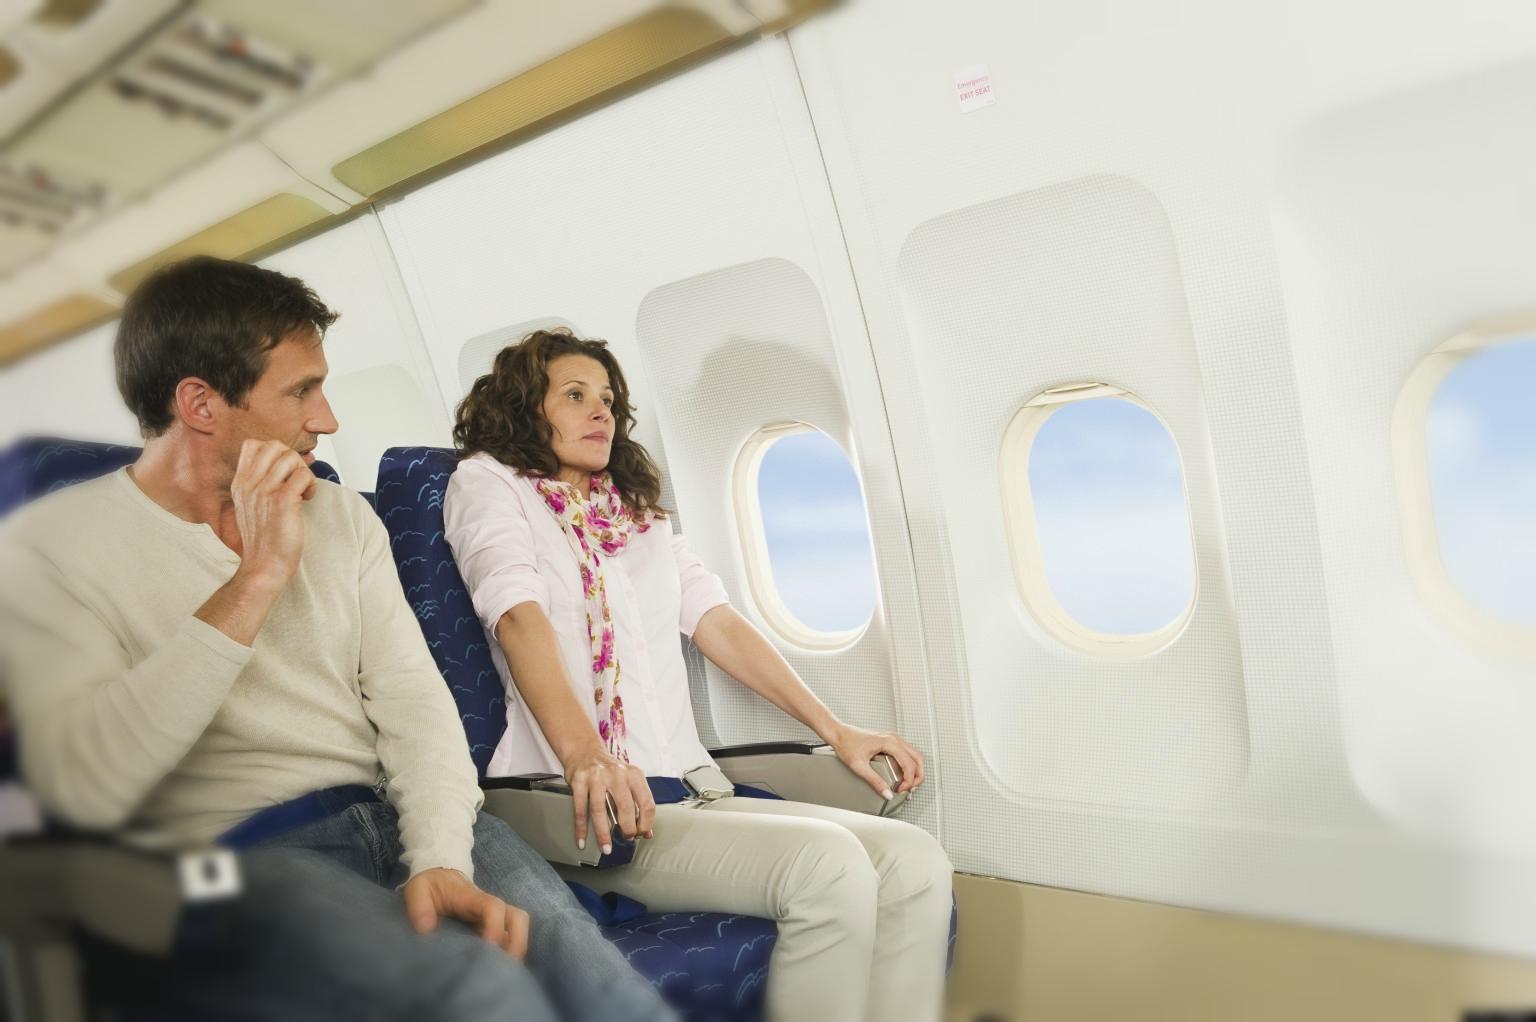 страх полетов это нормально